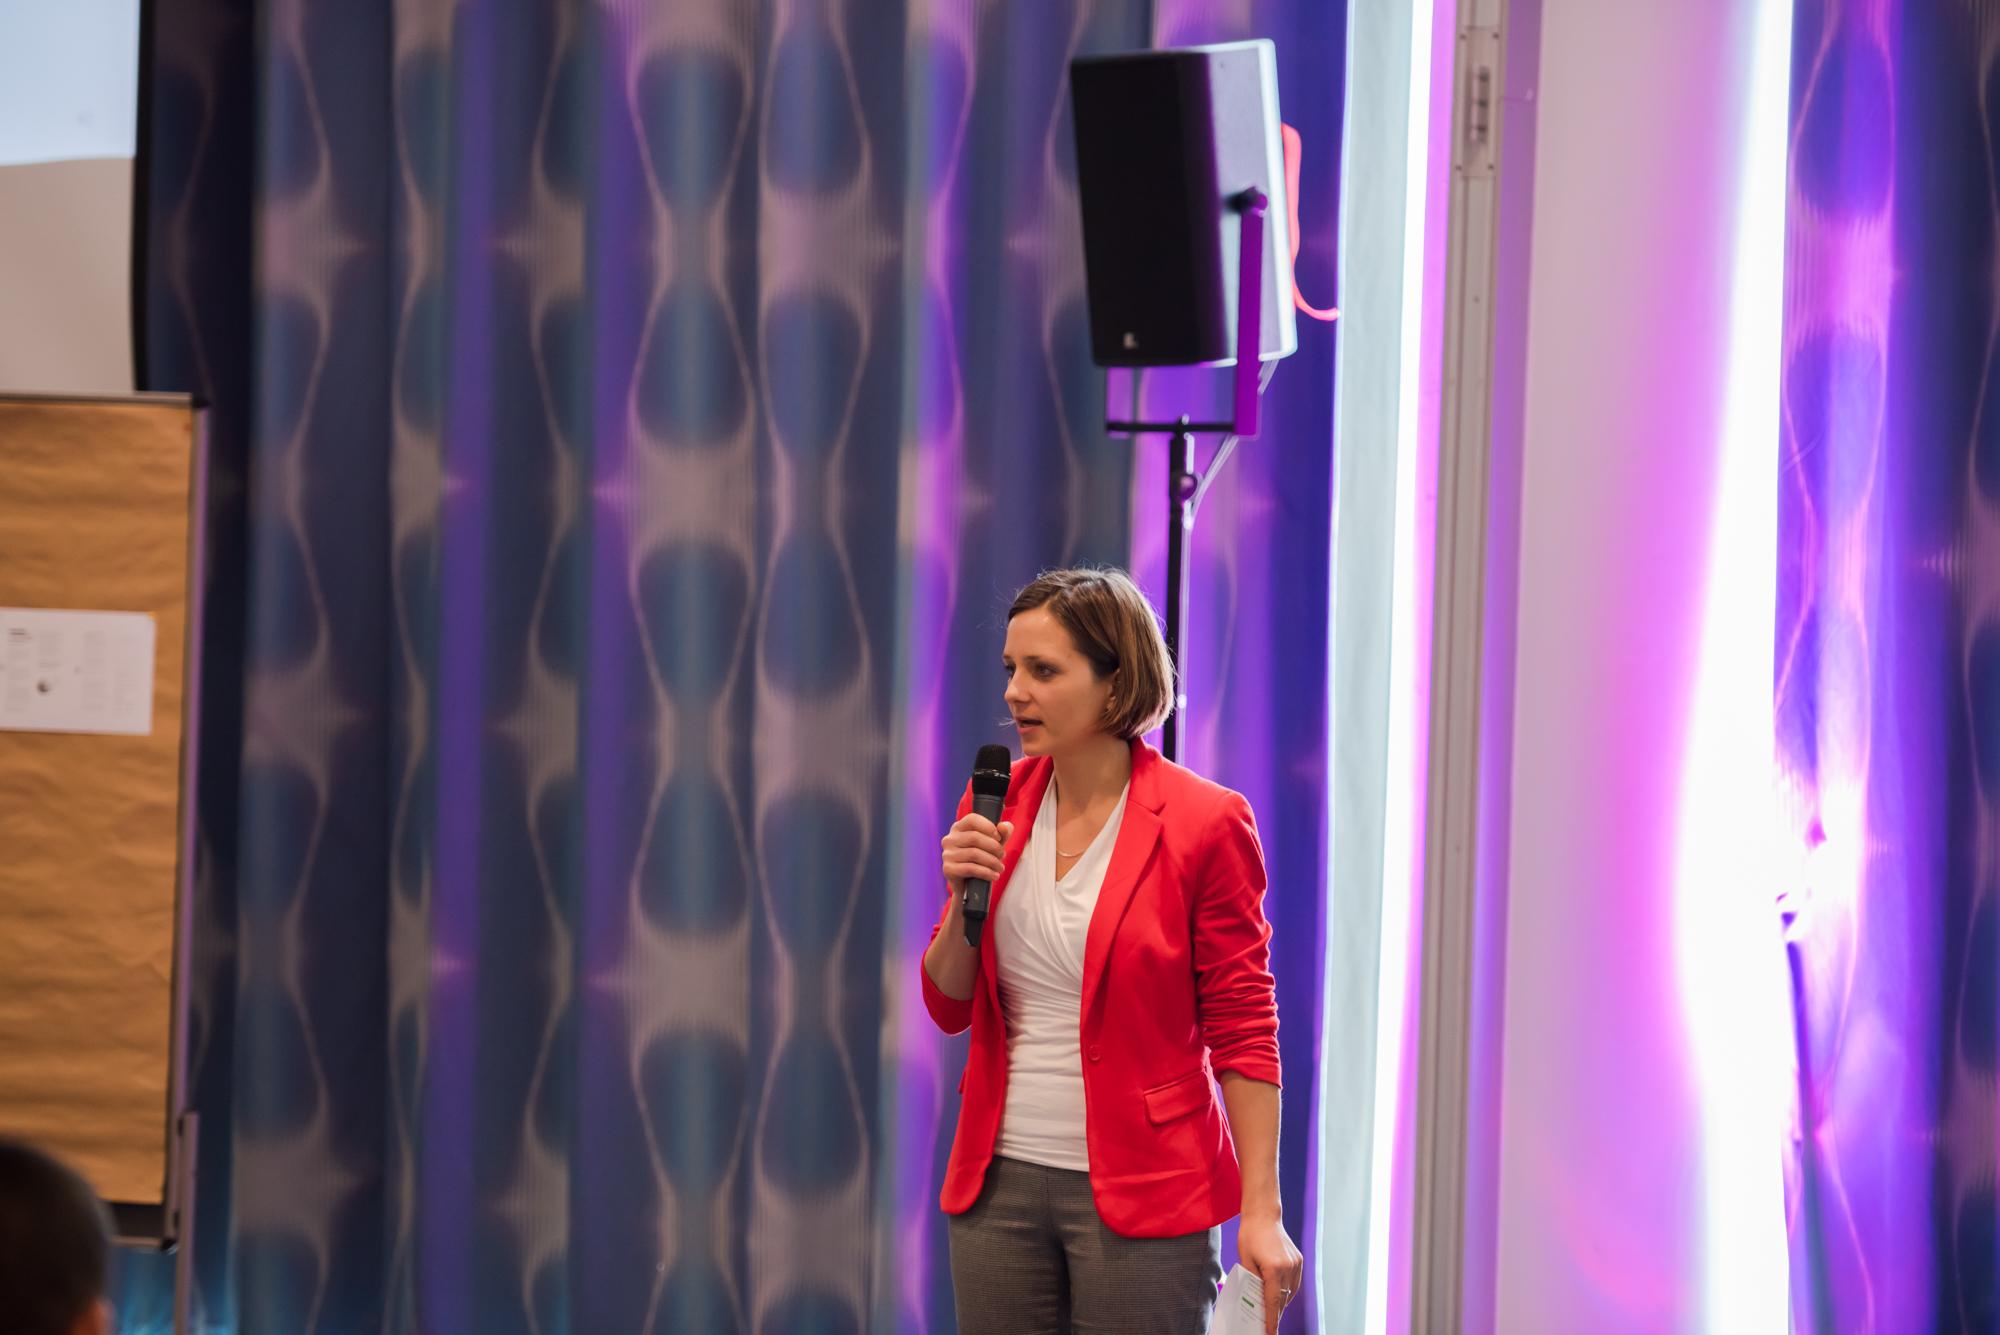 Nina Defounga im roten Jacket spricht auf der Bühne der Innovationskonferenz TFC2015